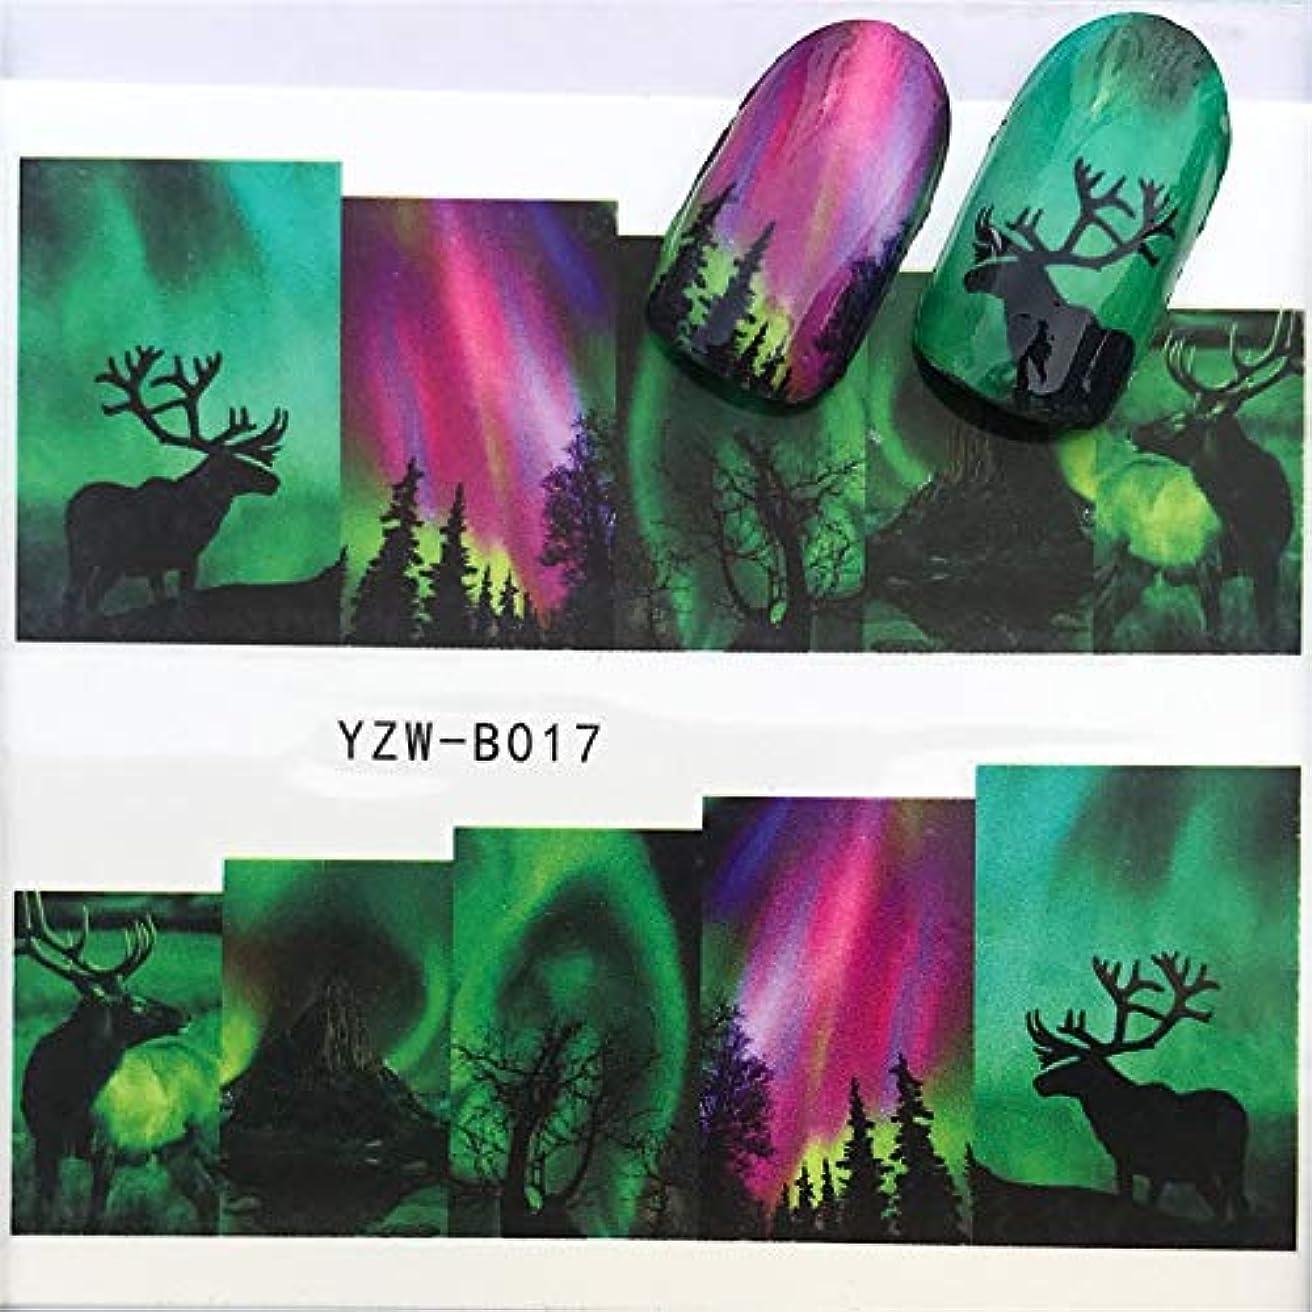 財布フリッパー中にYan 3個ネイルステッカーセットデカール水転写スライダーネイルアートデコレーション、色:YZWB017